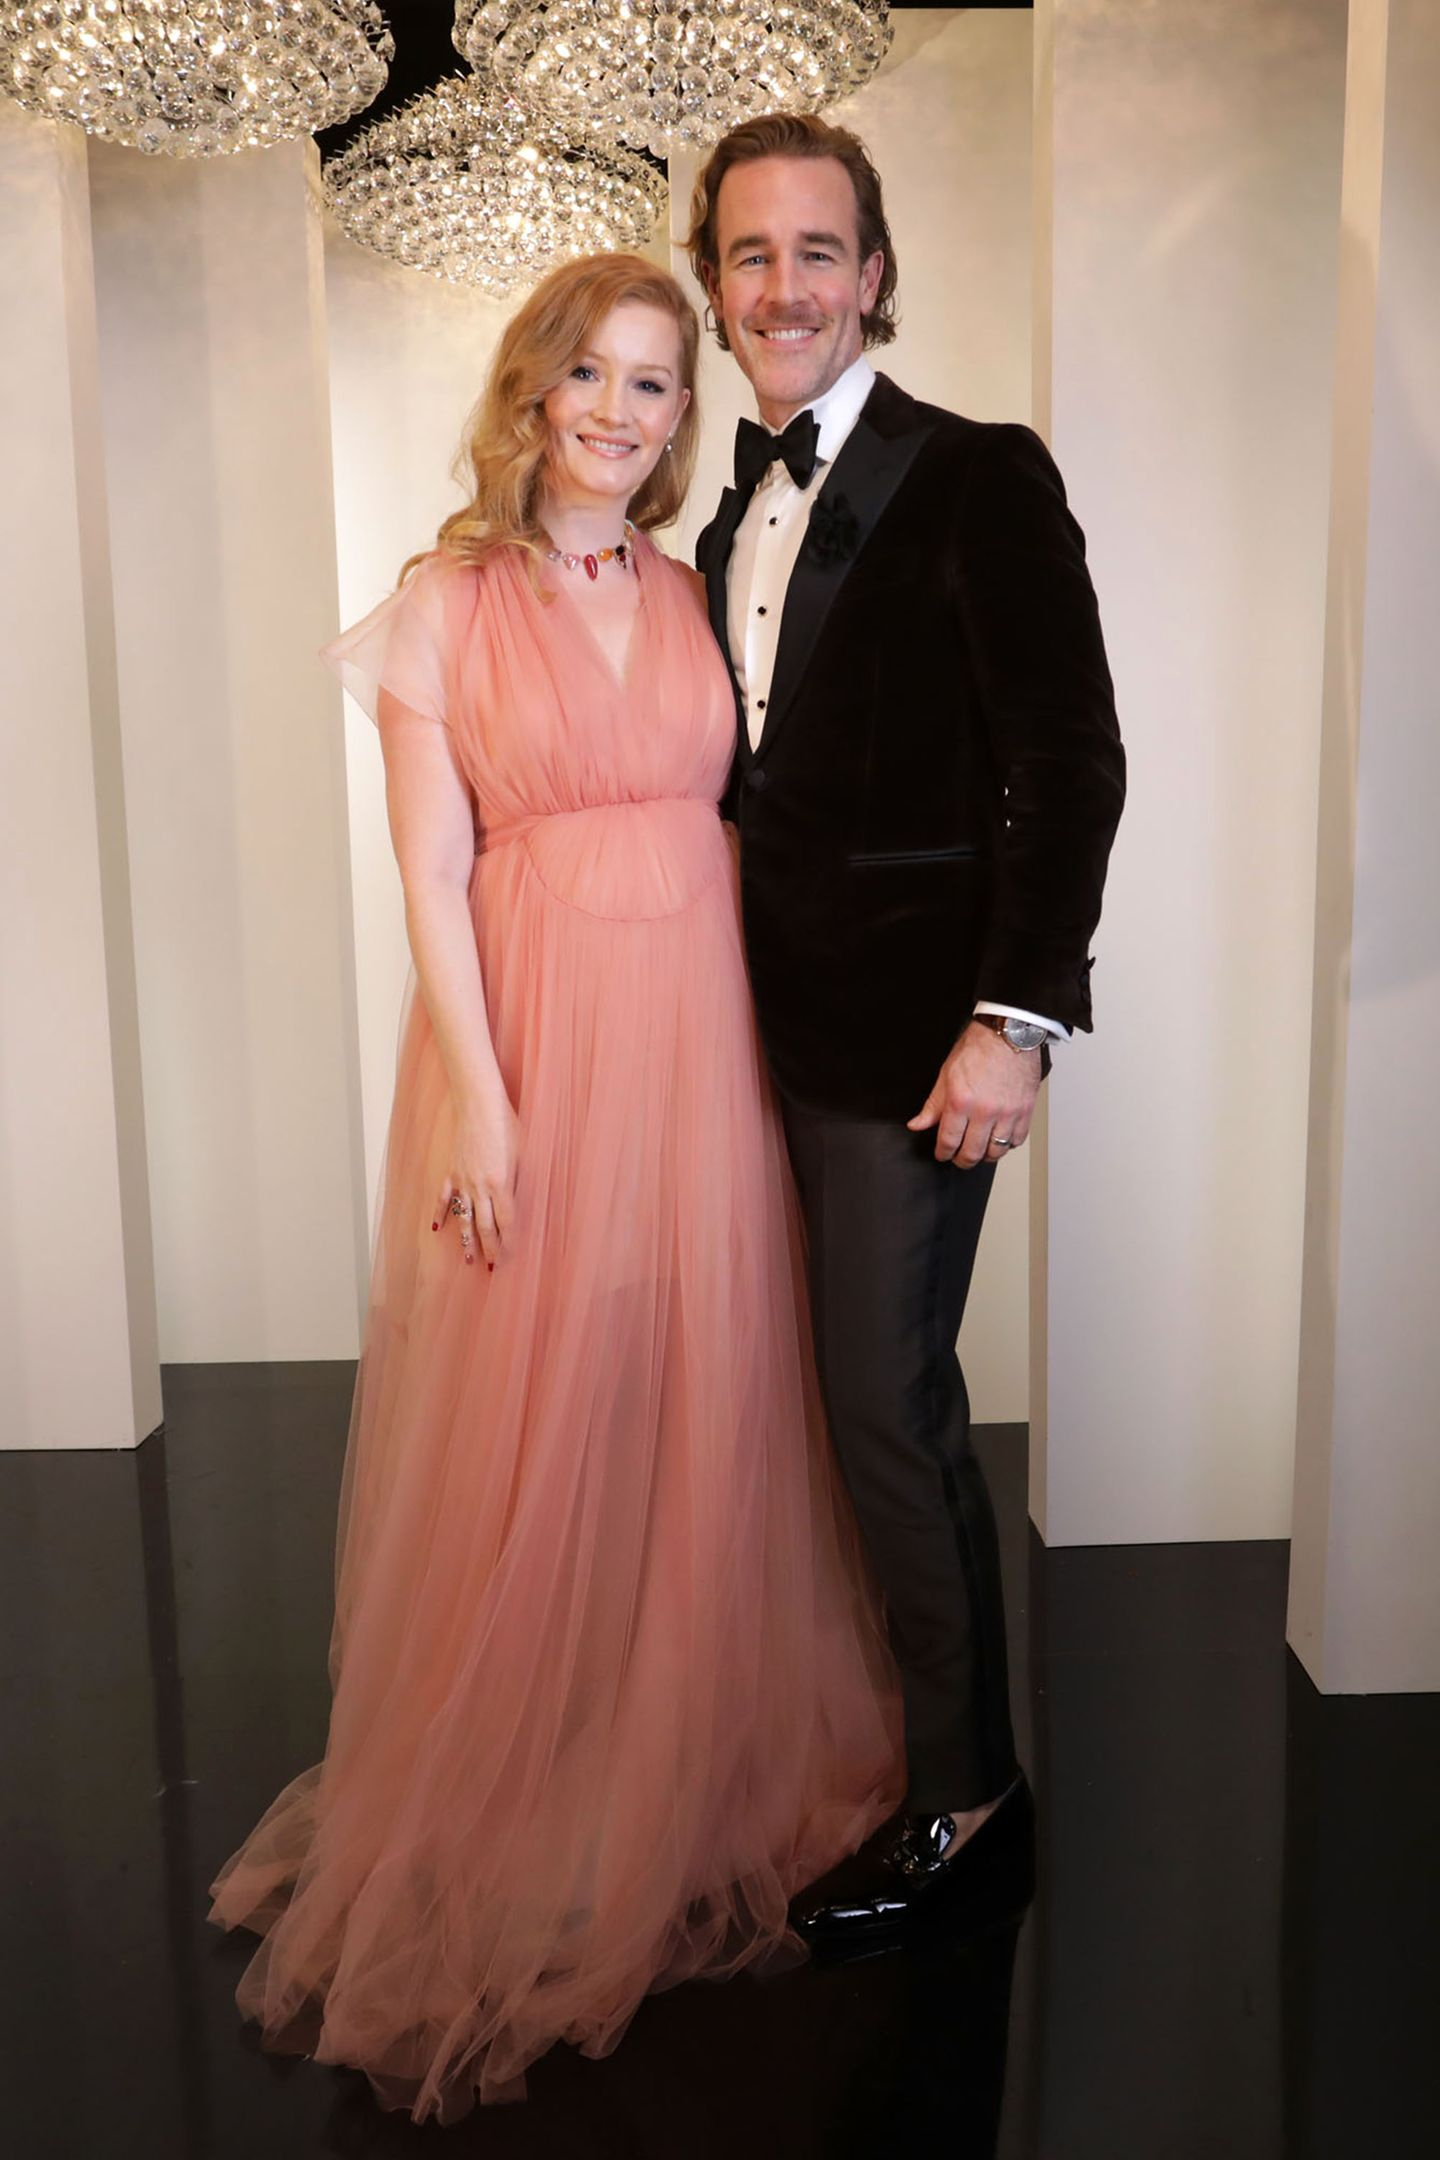 Ein ganz bezauberndes Paar sind Kimberly und James van der Beek bei der Golden-Globe-Party im Beverly Hilton Hotel.